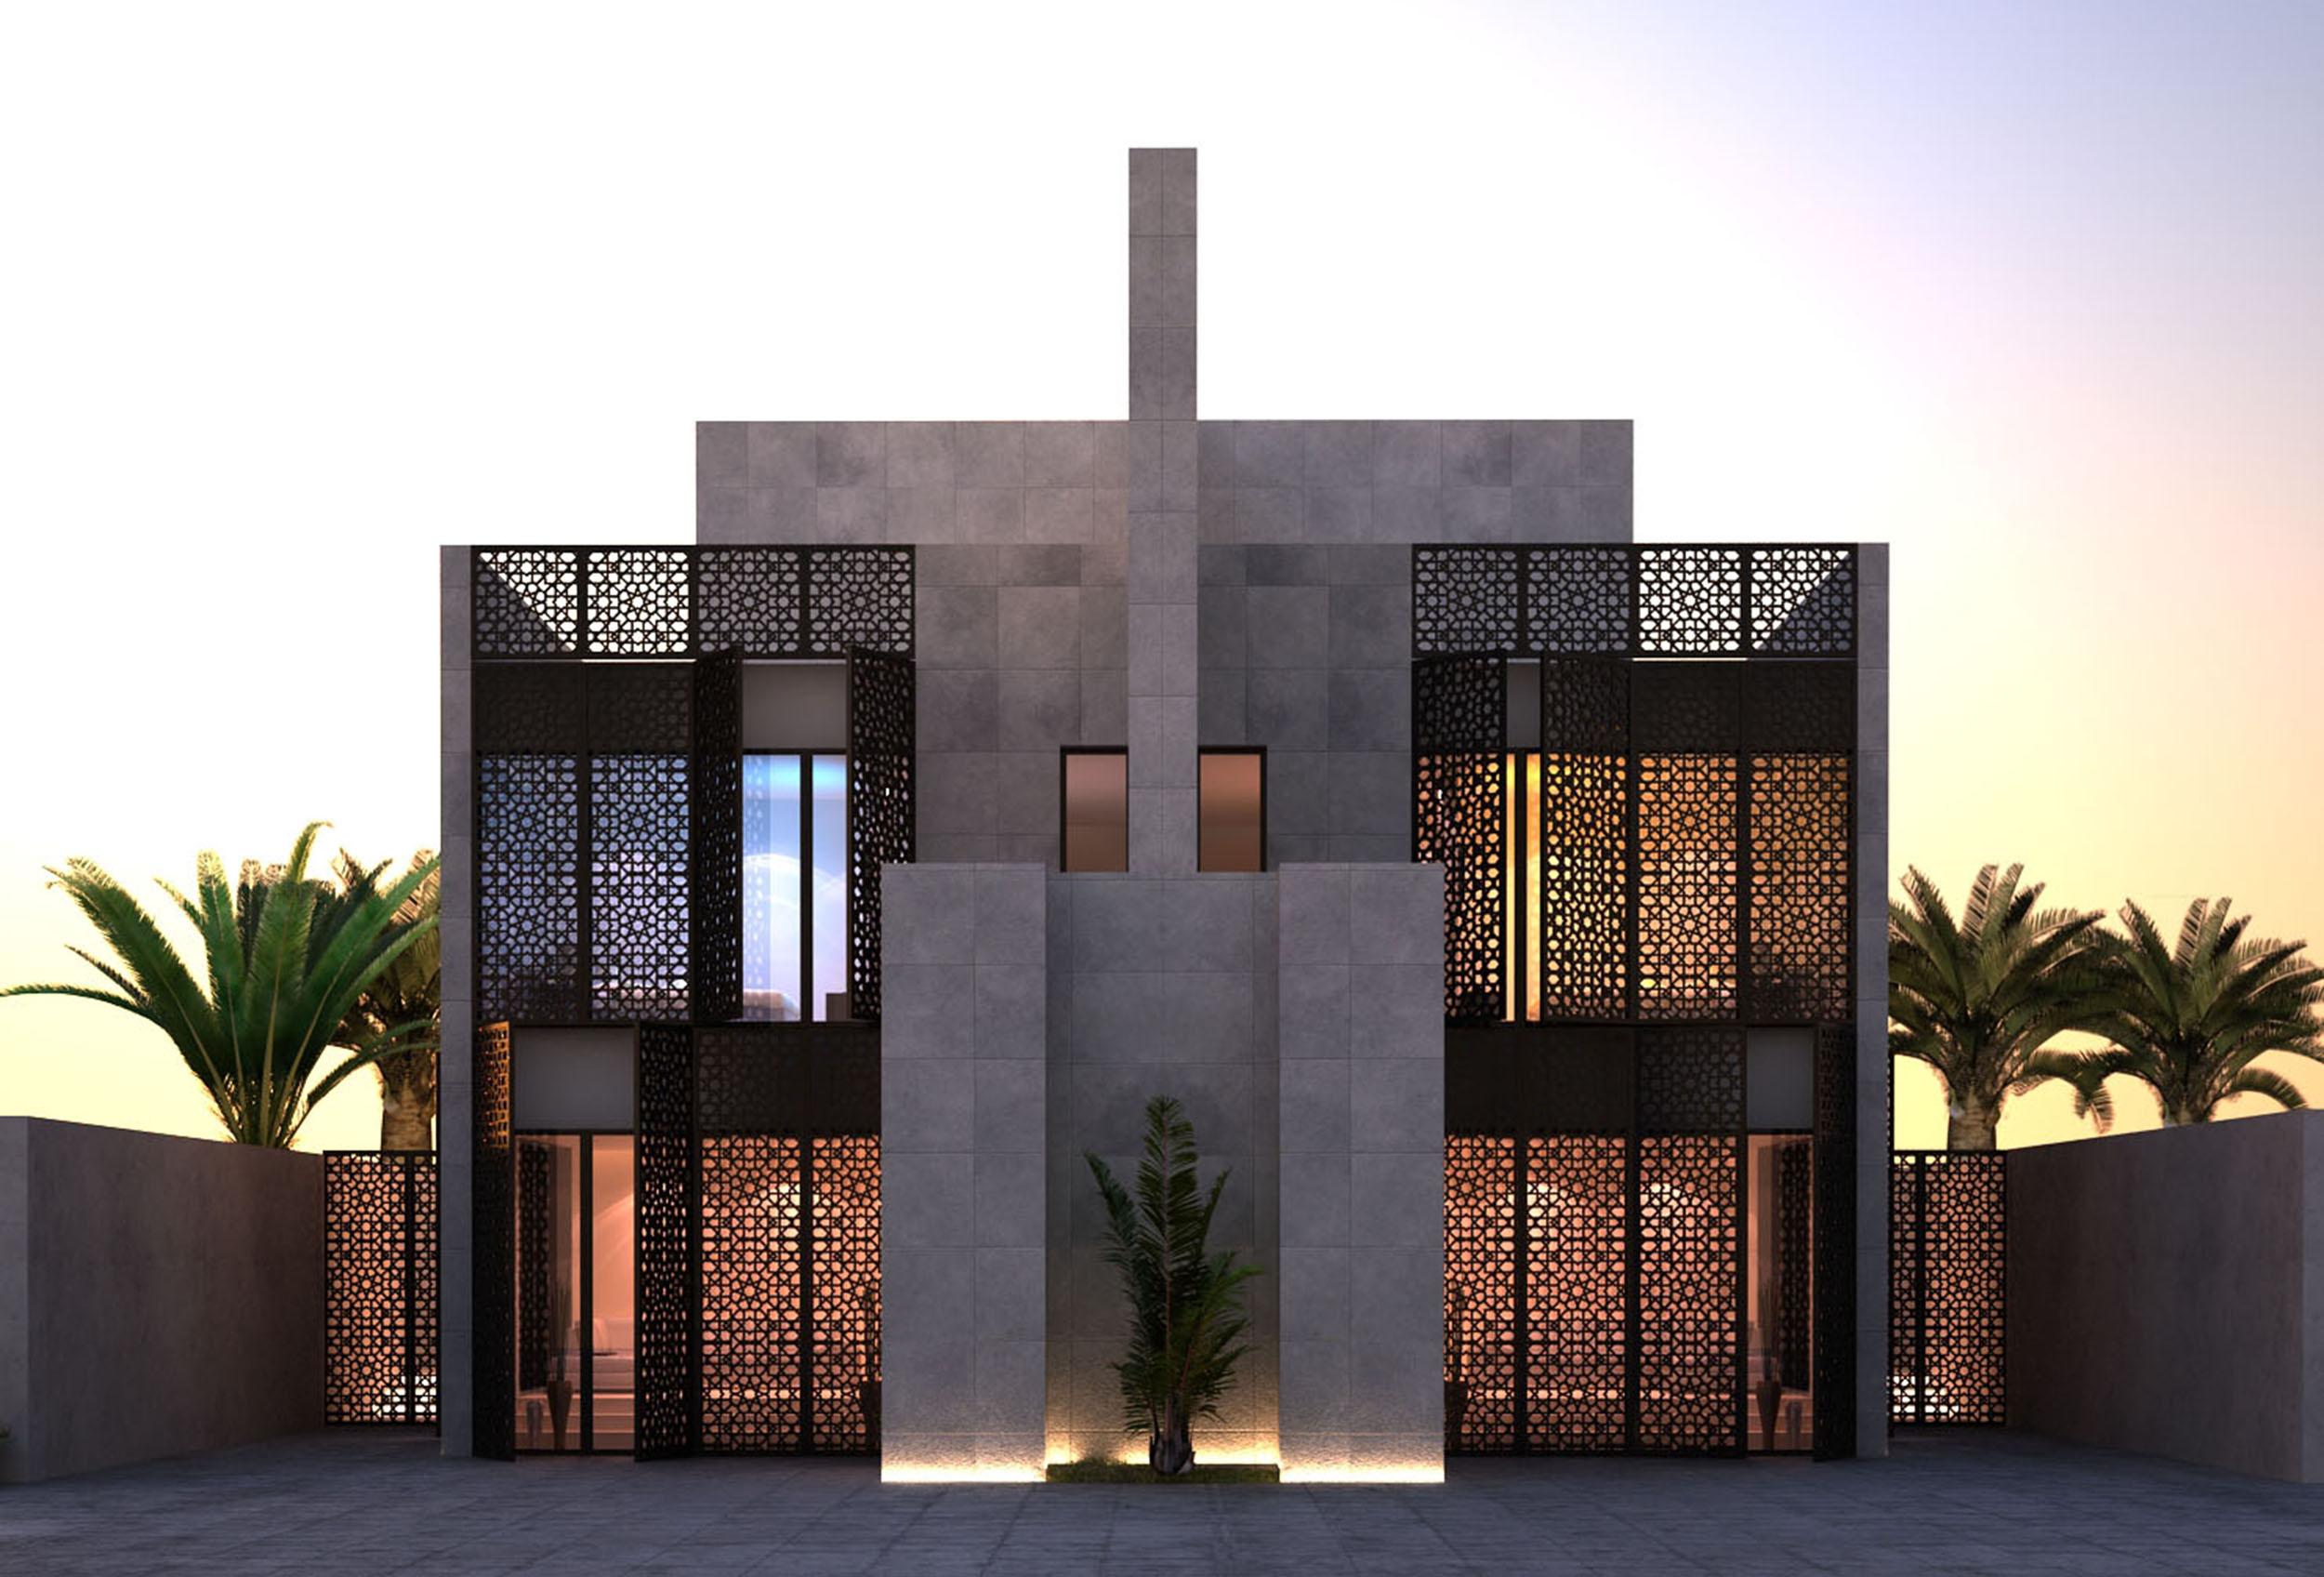 73 fachadas de casas ideias para inspirar arquidicas Architecture firm for sale